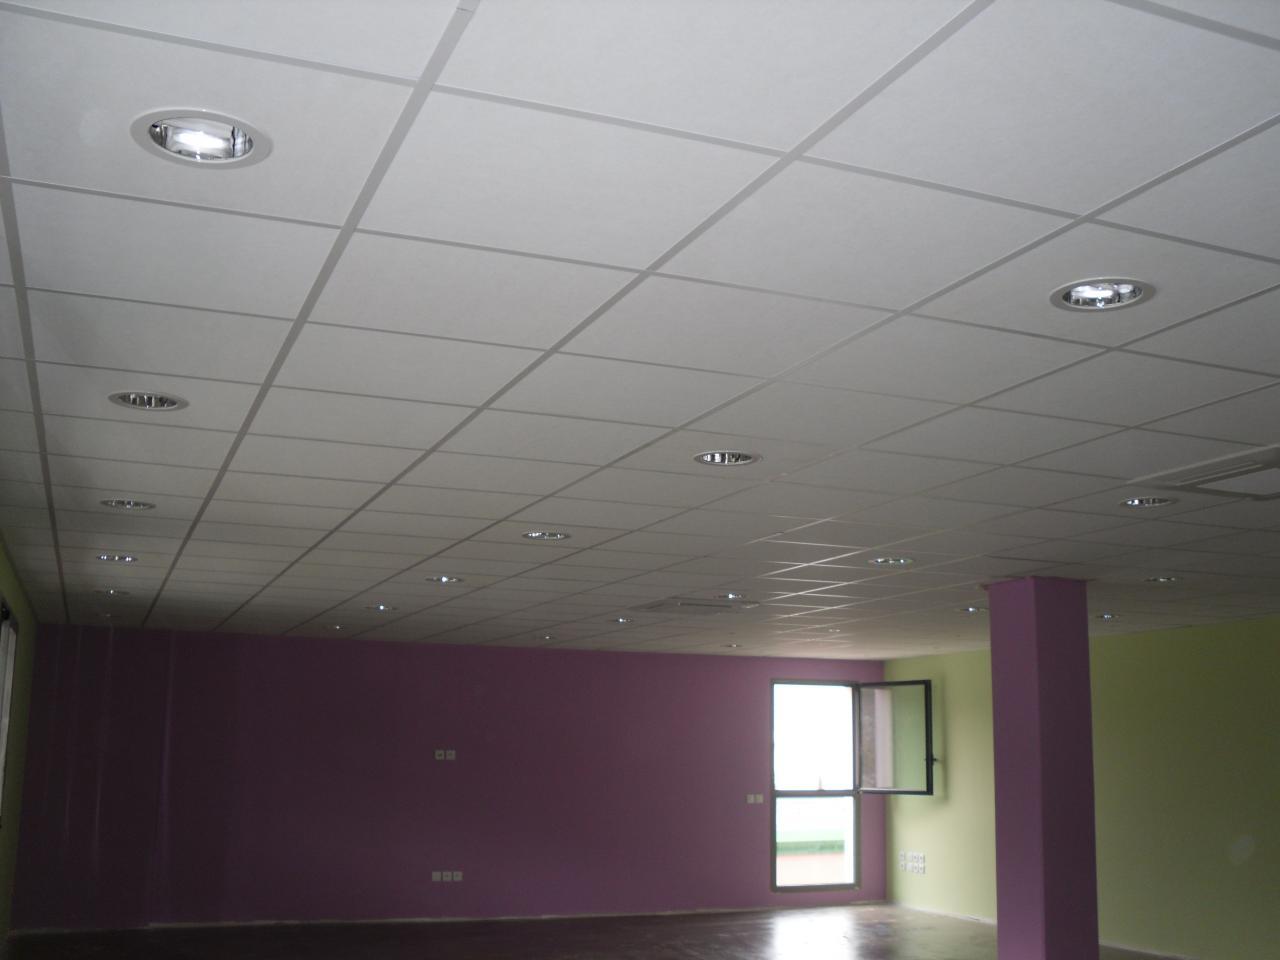 Décoration De Plafond En Platre se rapportant à auto-platre :: solutions en plâtre